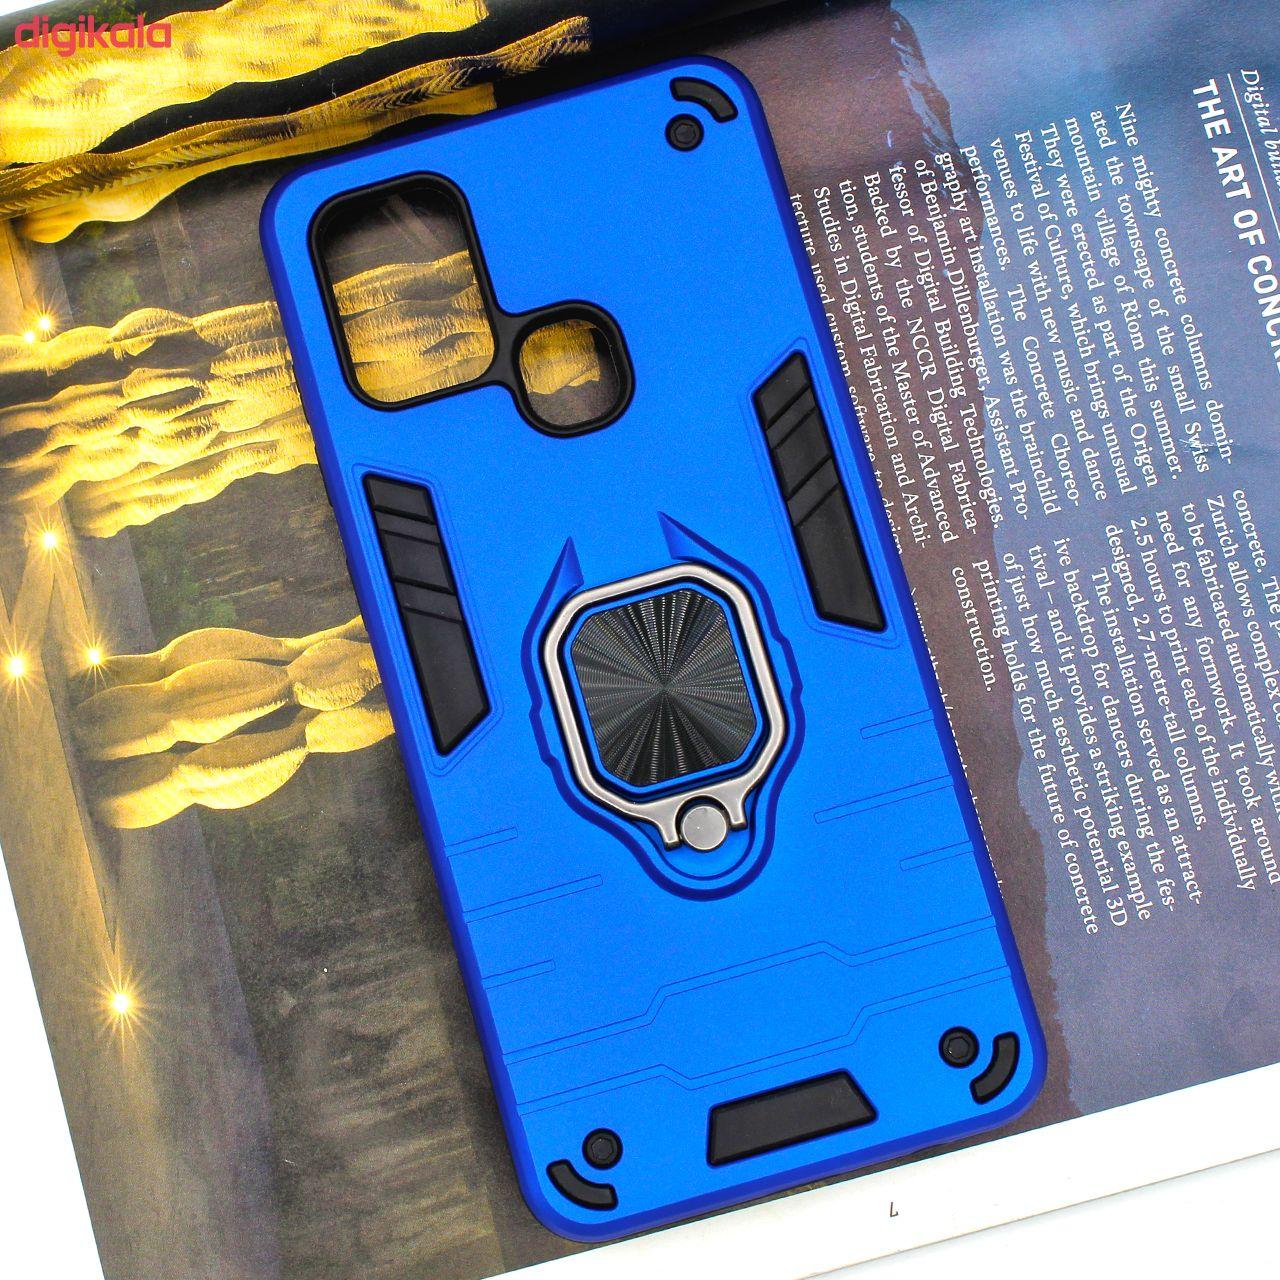 کاور لاین کینگ مدل ASH22 مناسب برای گوشی موبایل سامسونگ مدل Galaxy A21S main 1 5